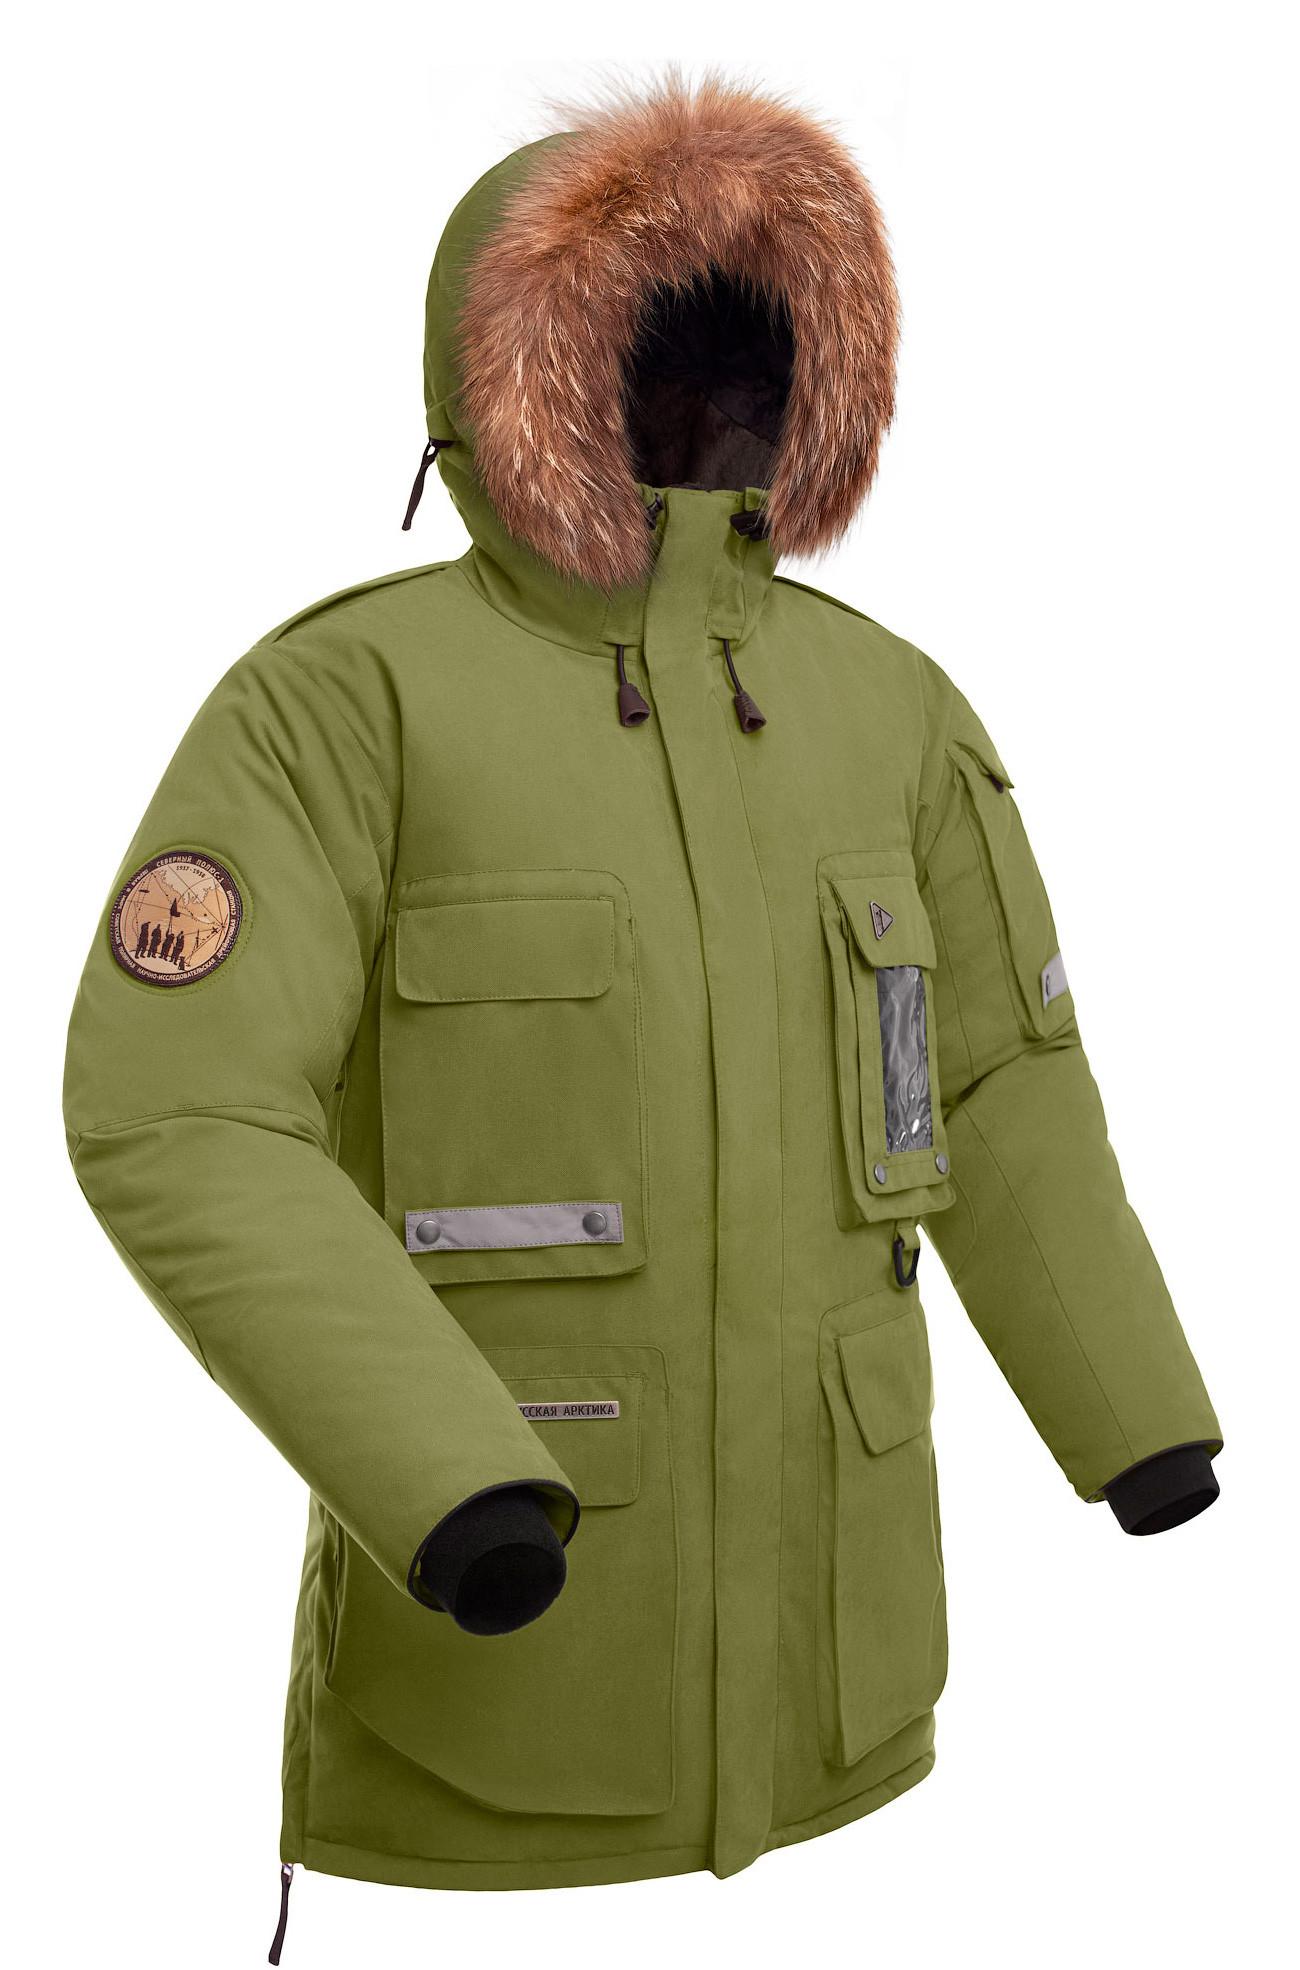 faf92a5e9d15 Мужская пуховая куртка парка Баск YAMAL хаки светлый, производитель ...